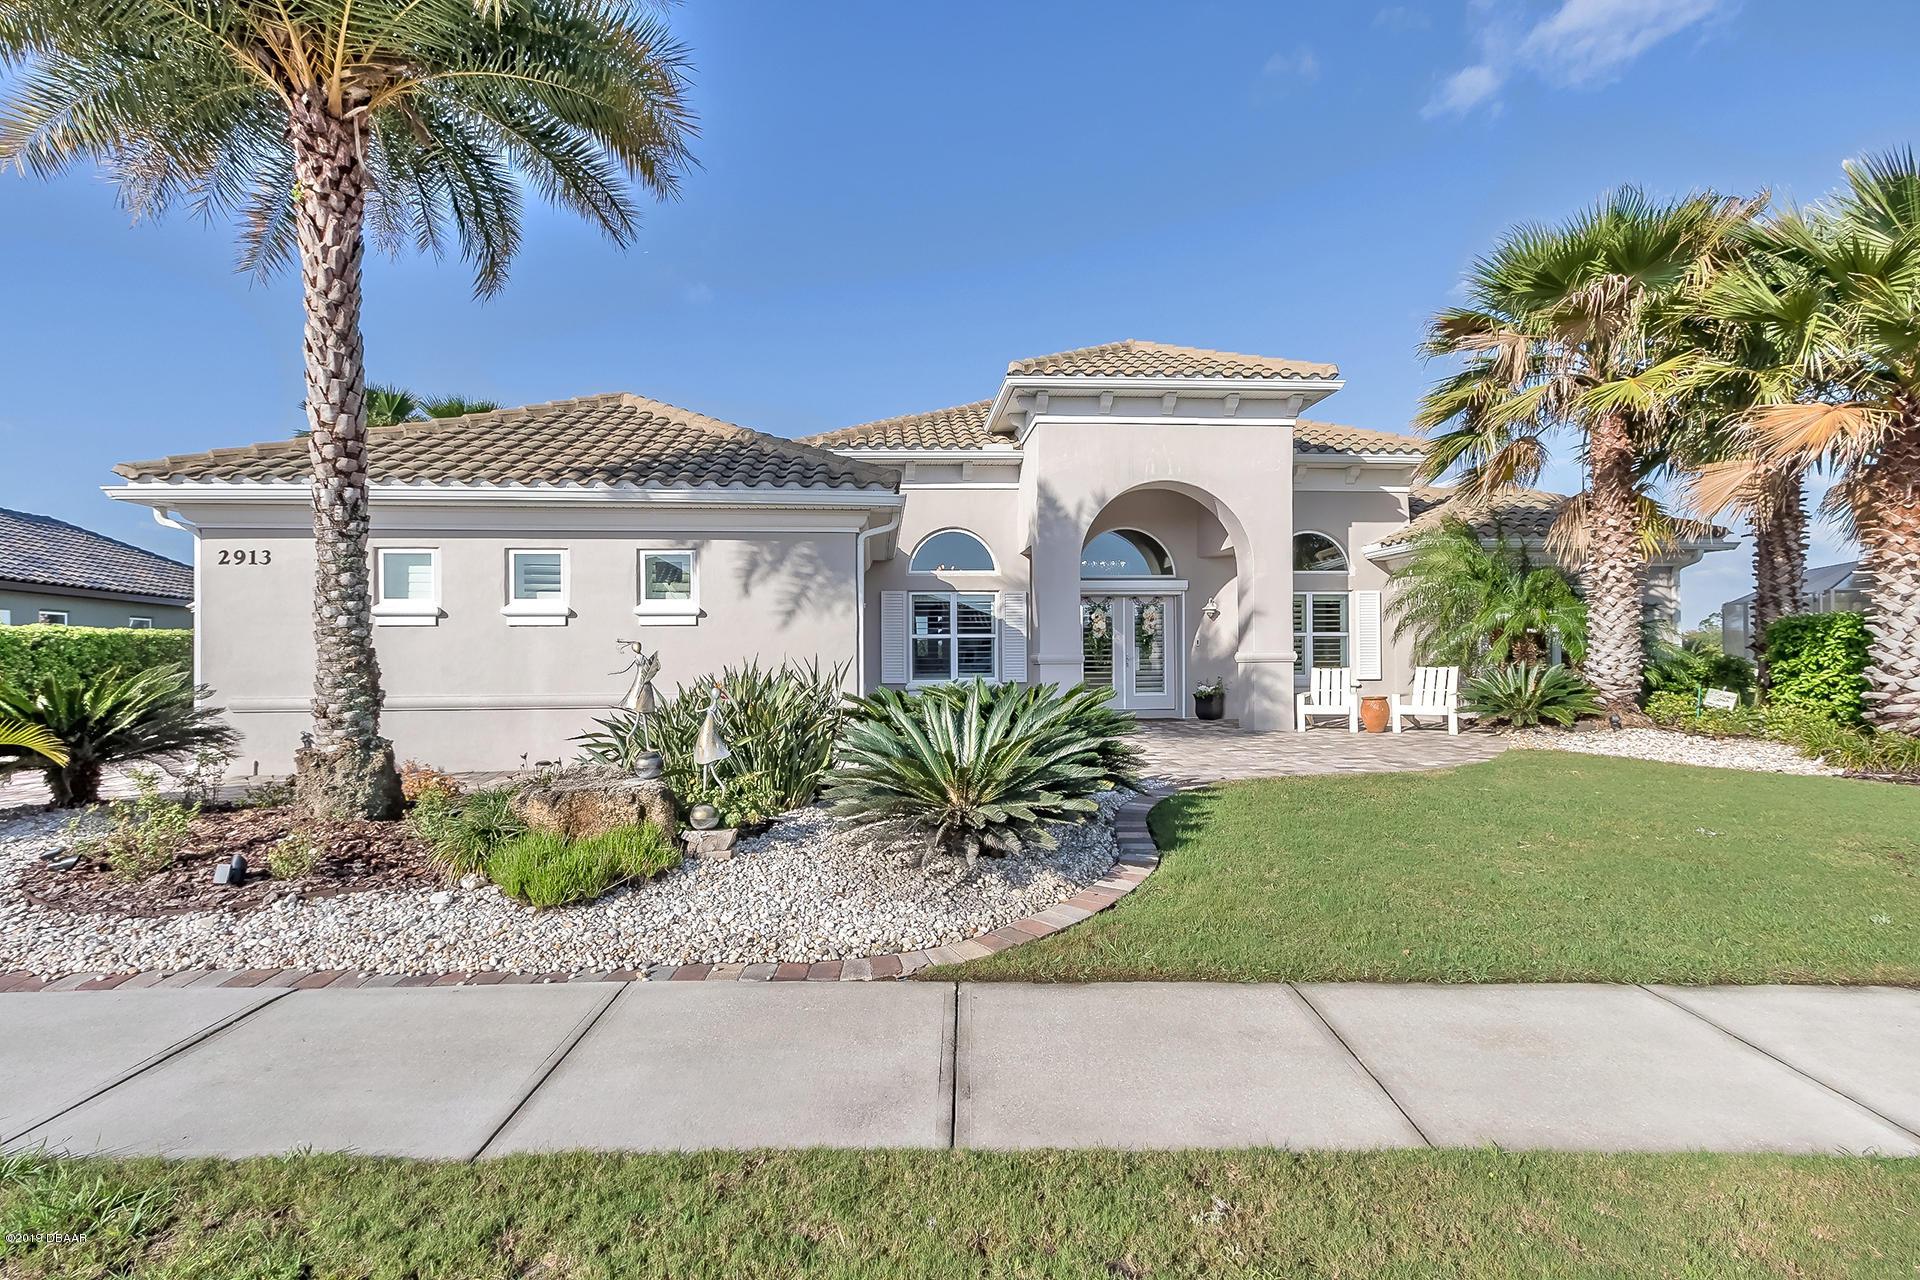 Photo of 2913 Linari Court, New Smyrna Beach, FL 32168